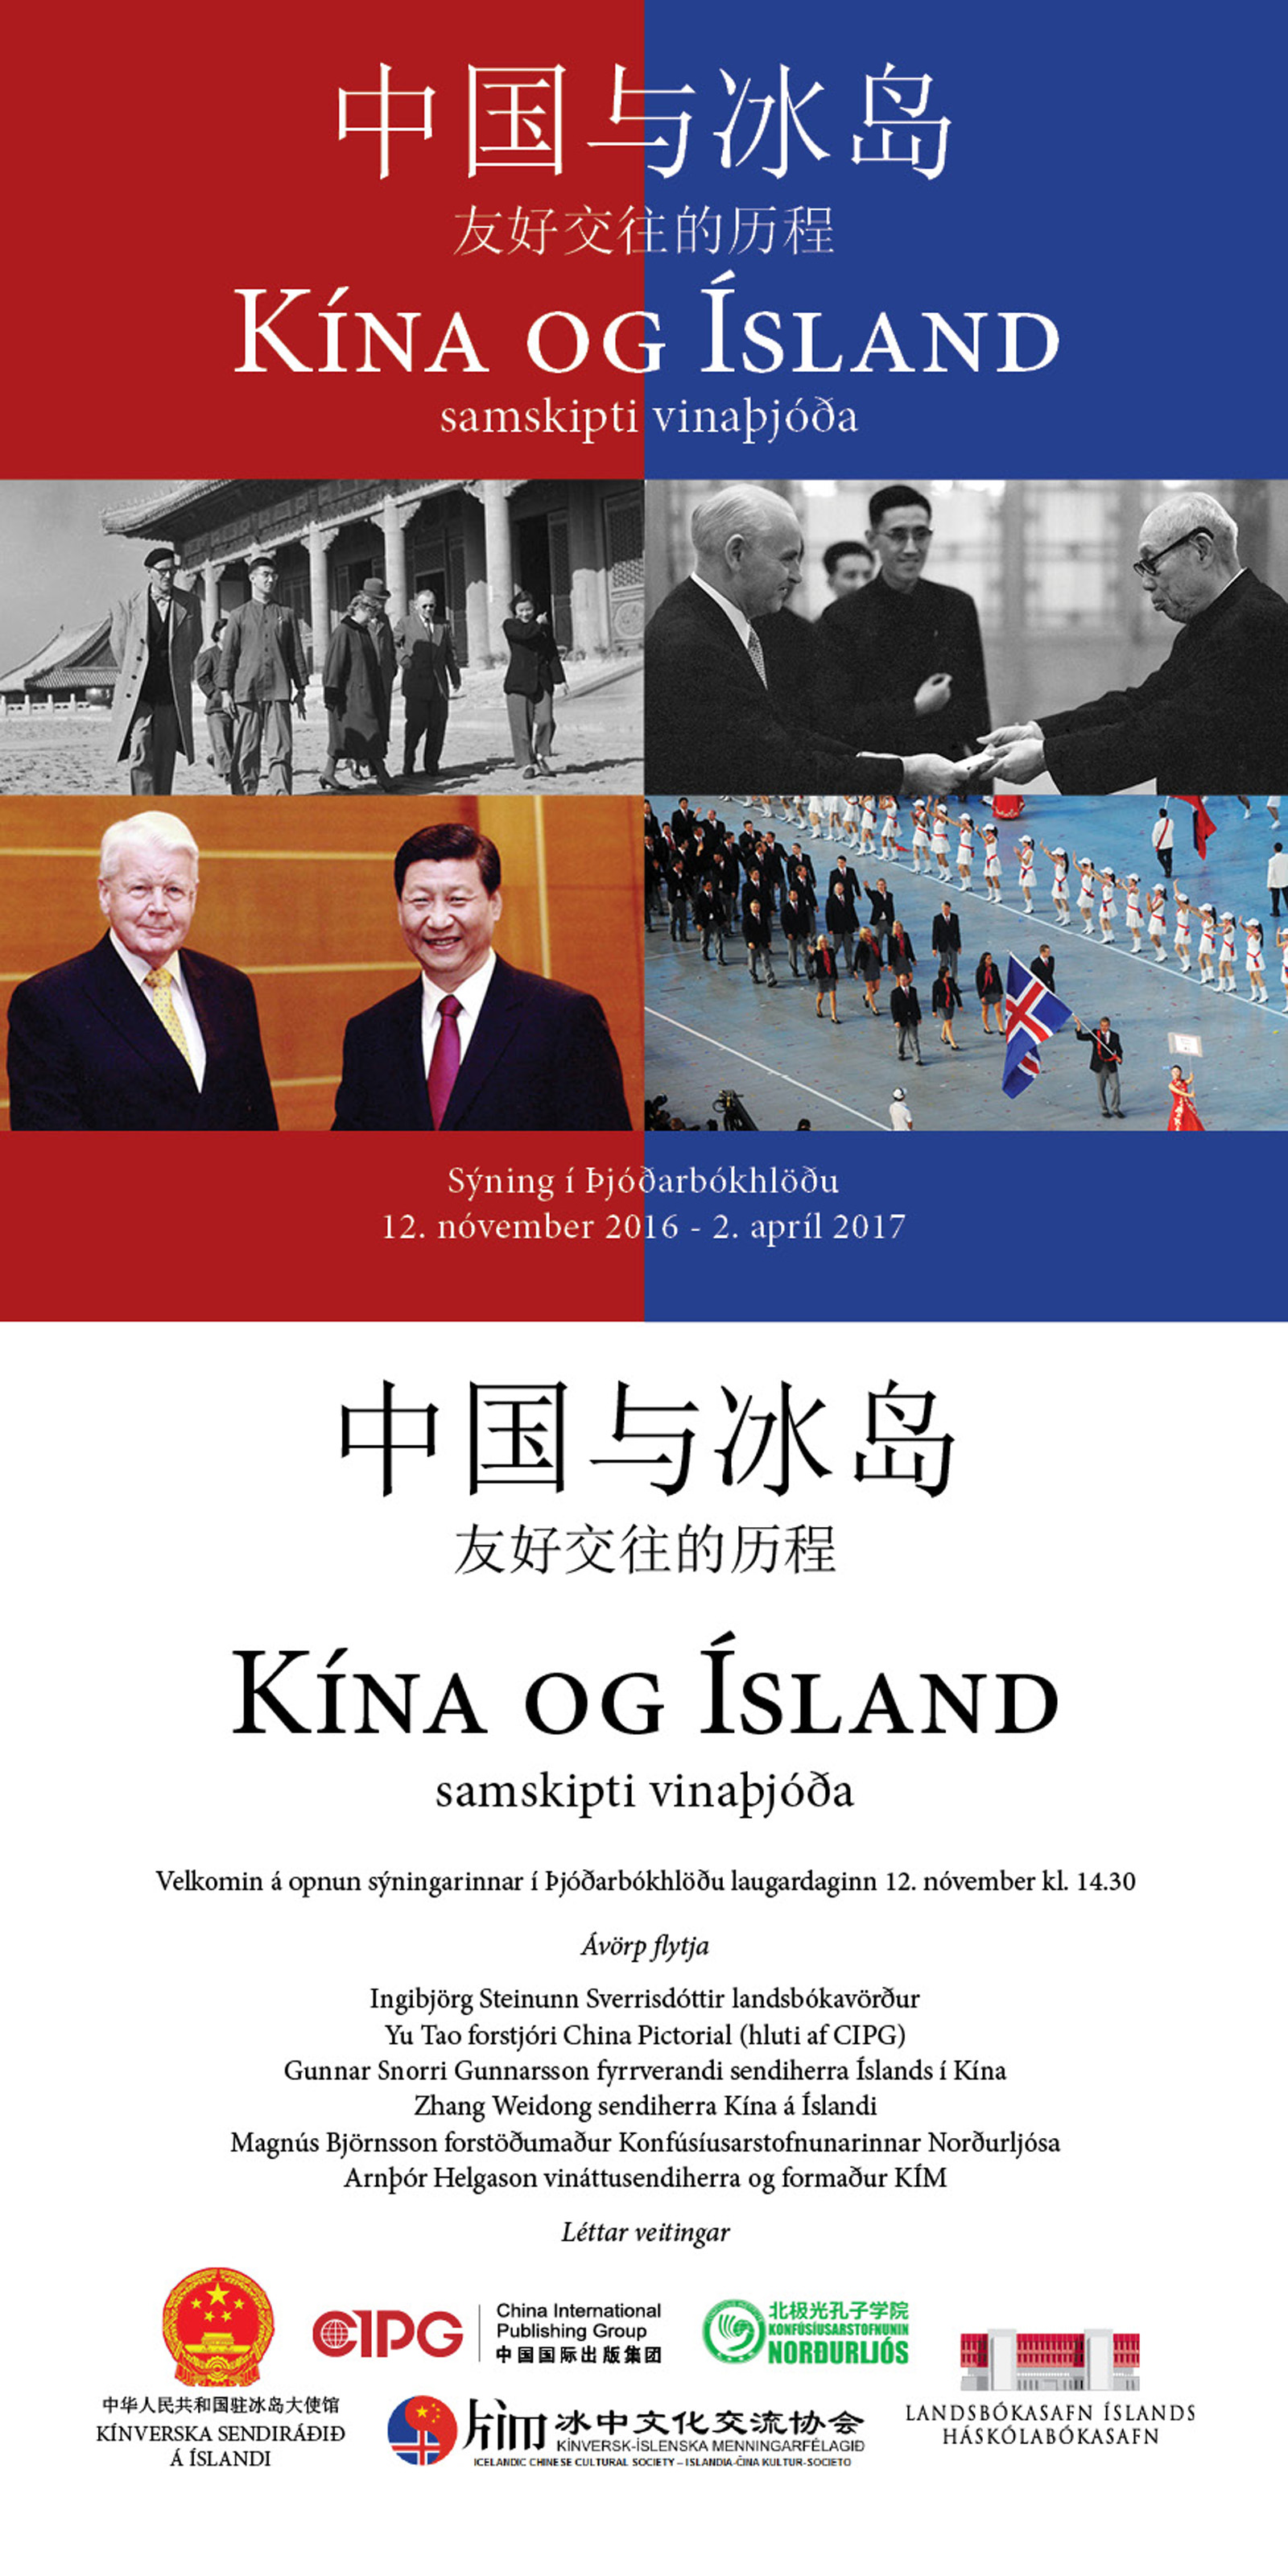 kina_island_bodskort_vef-_2